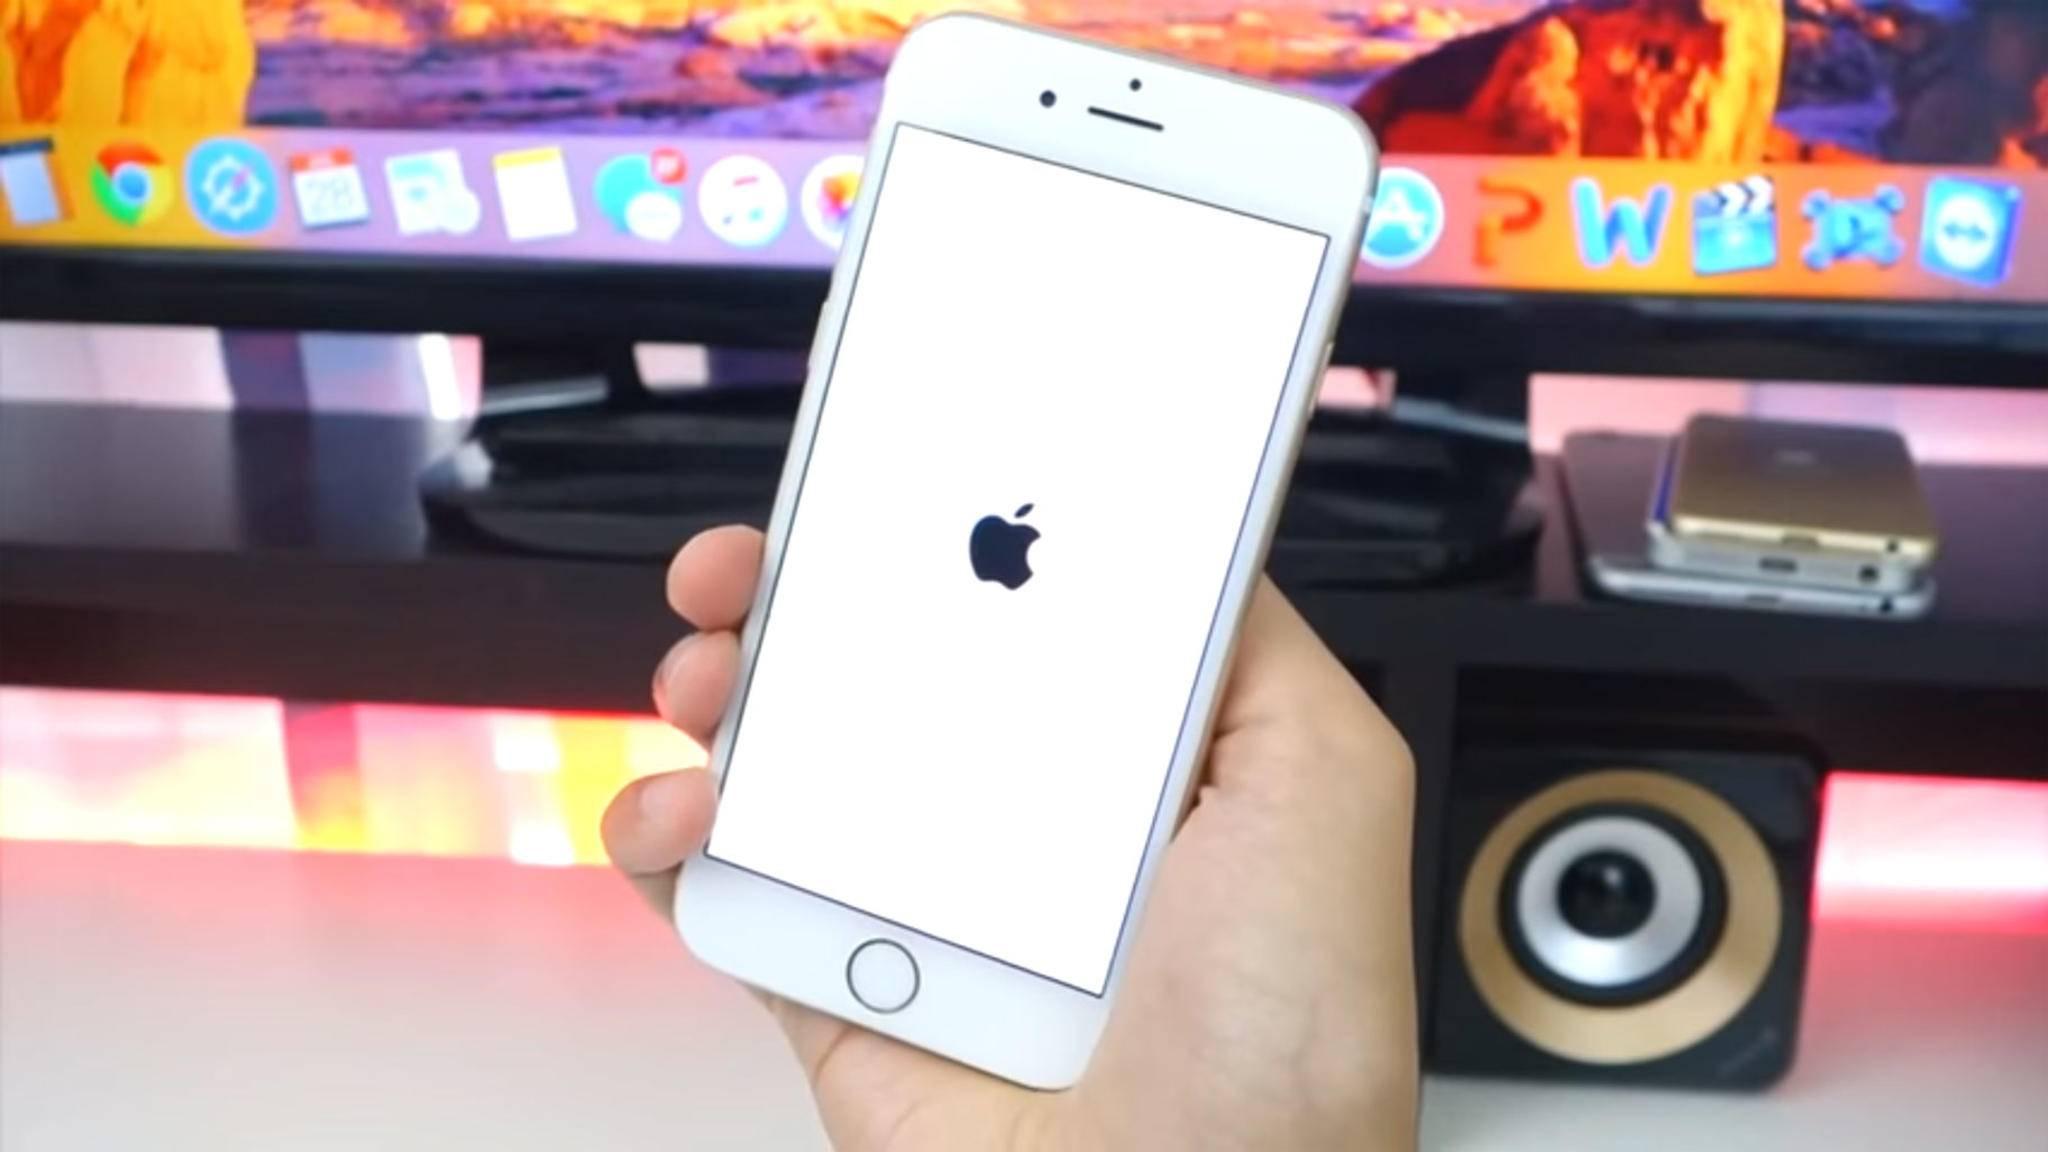 Mit Apps kannst Du prüfen, wie viel Zeit seit dem letzten iPhone-Reboot vergangen ist.